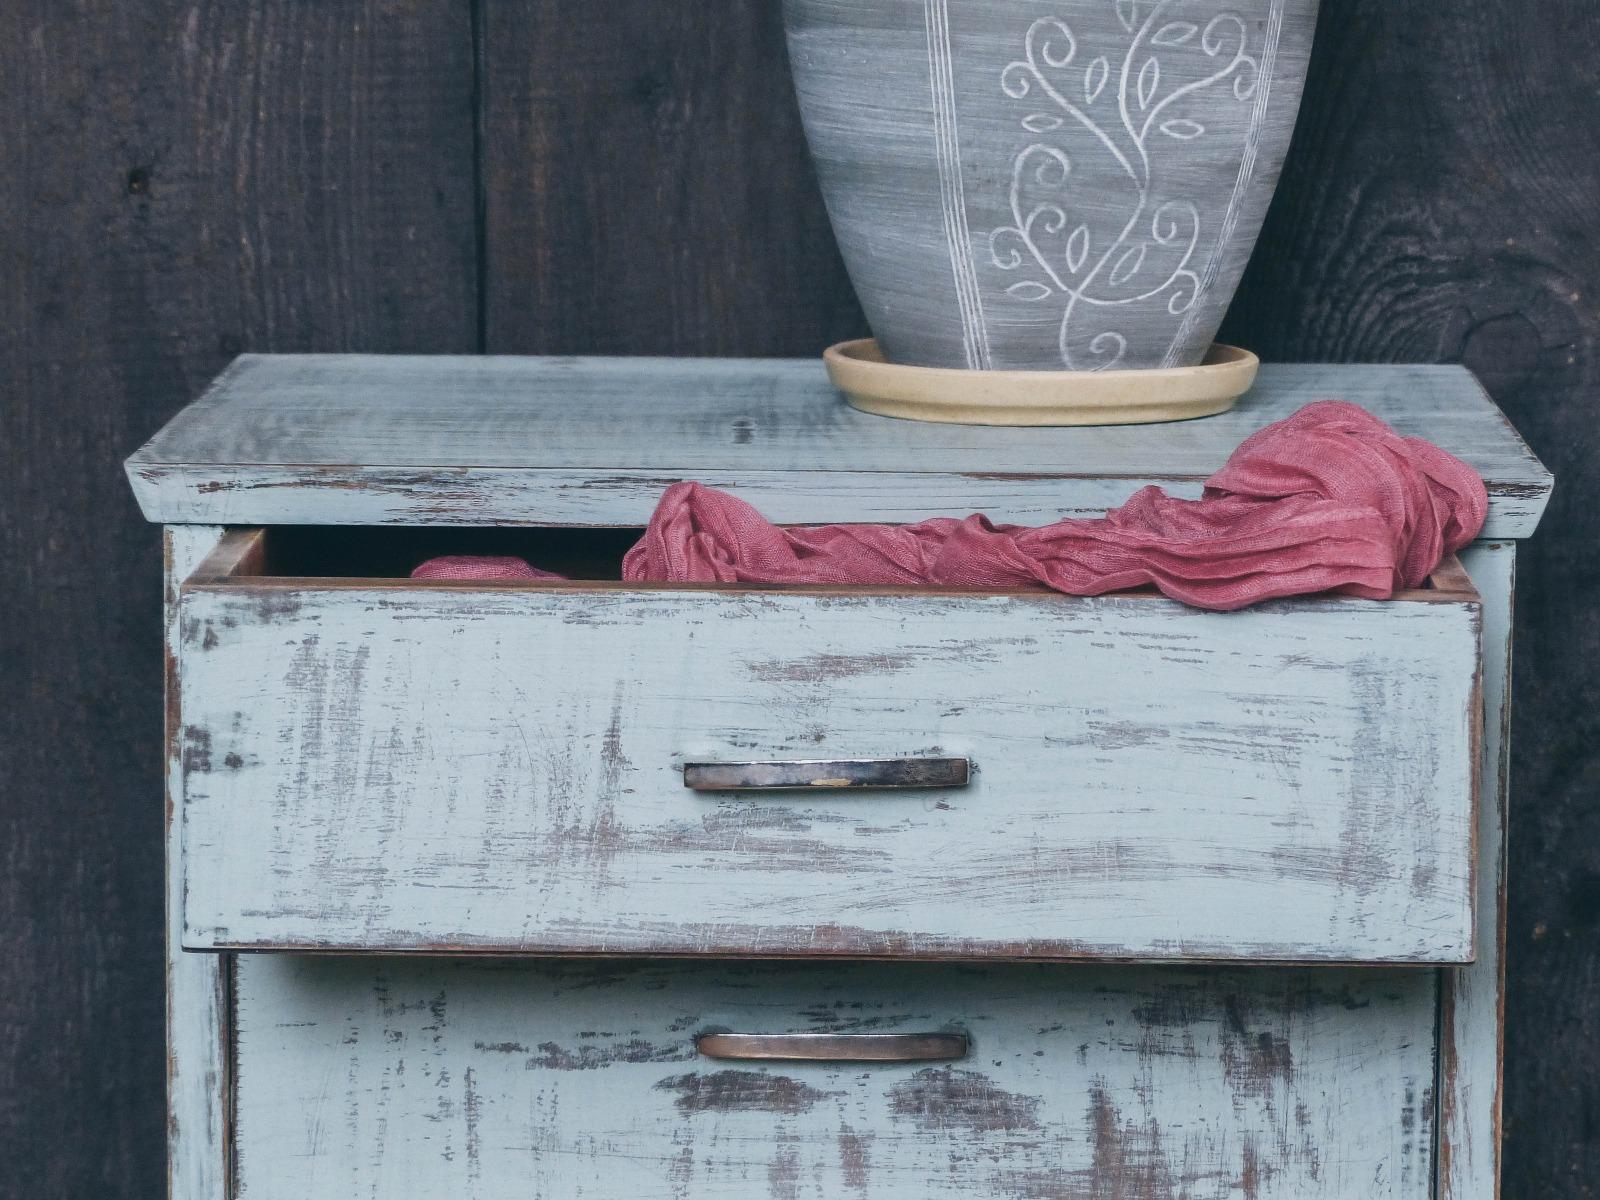 Das Bild zeigt eine Shabby Chic Kommode aus altem Holz.